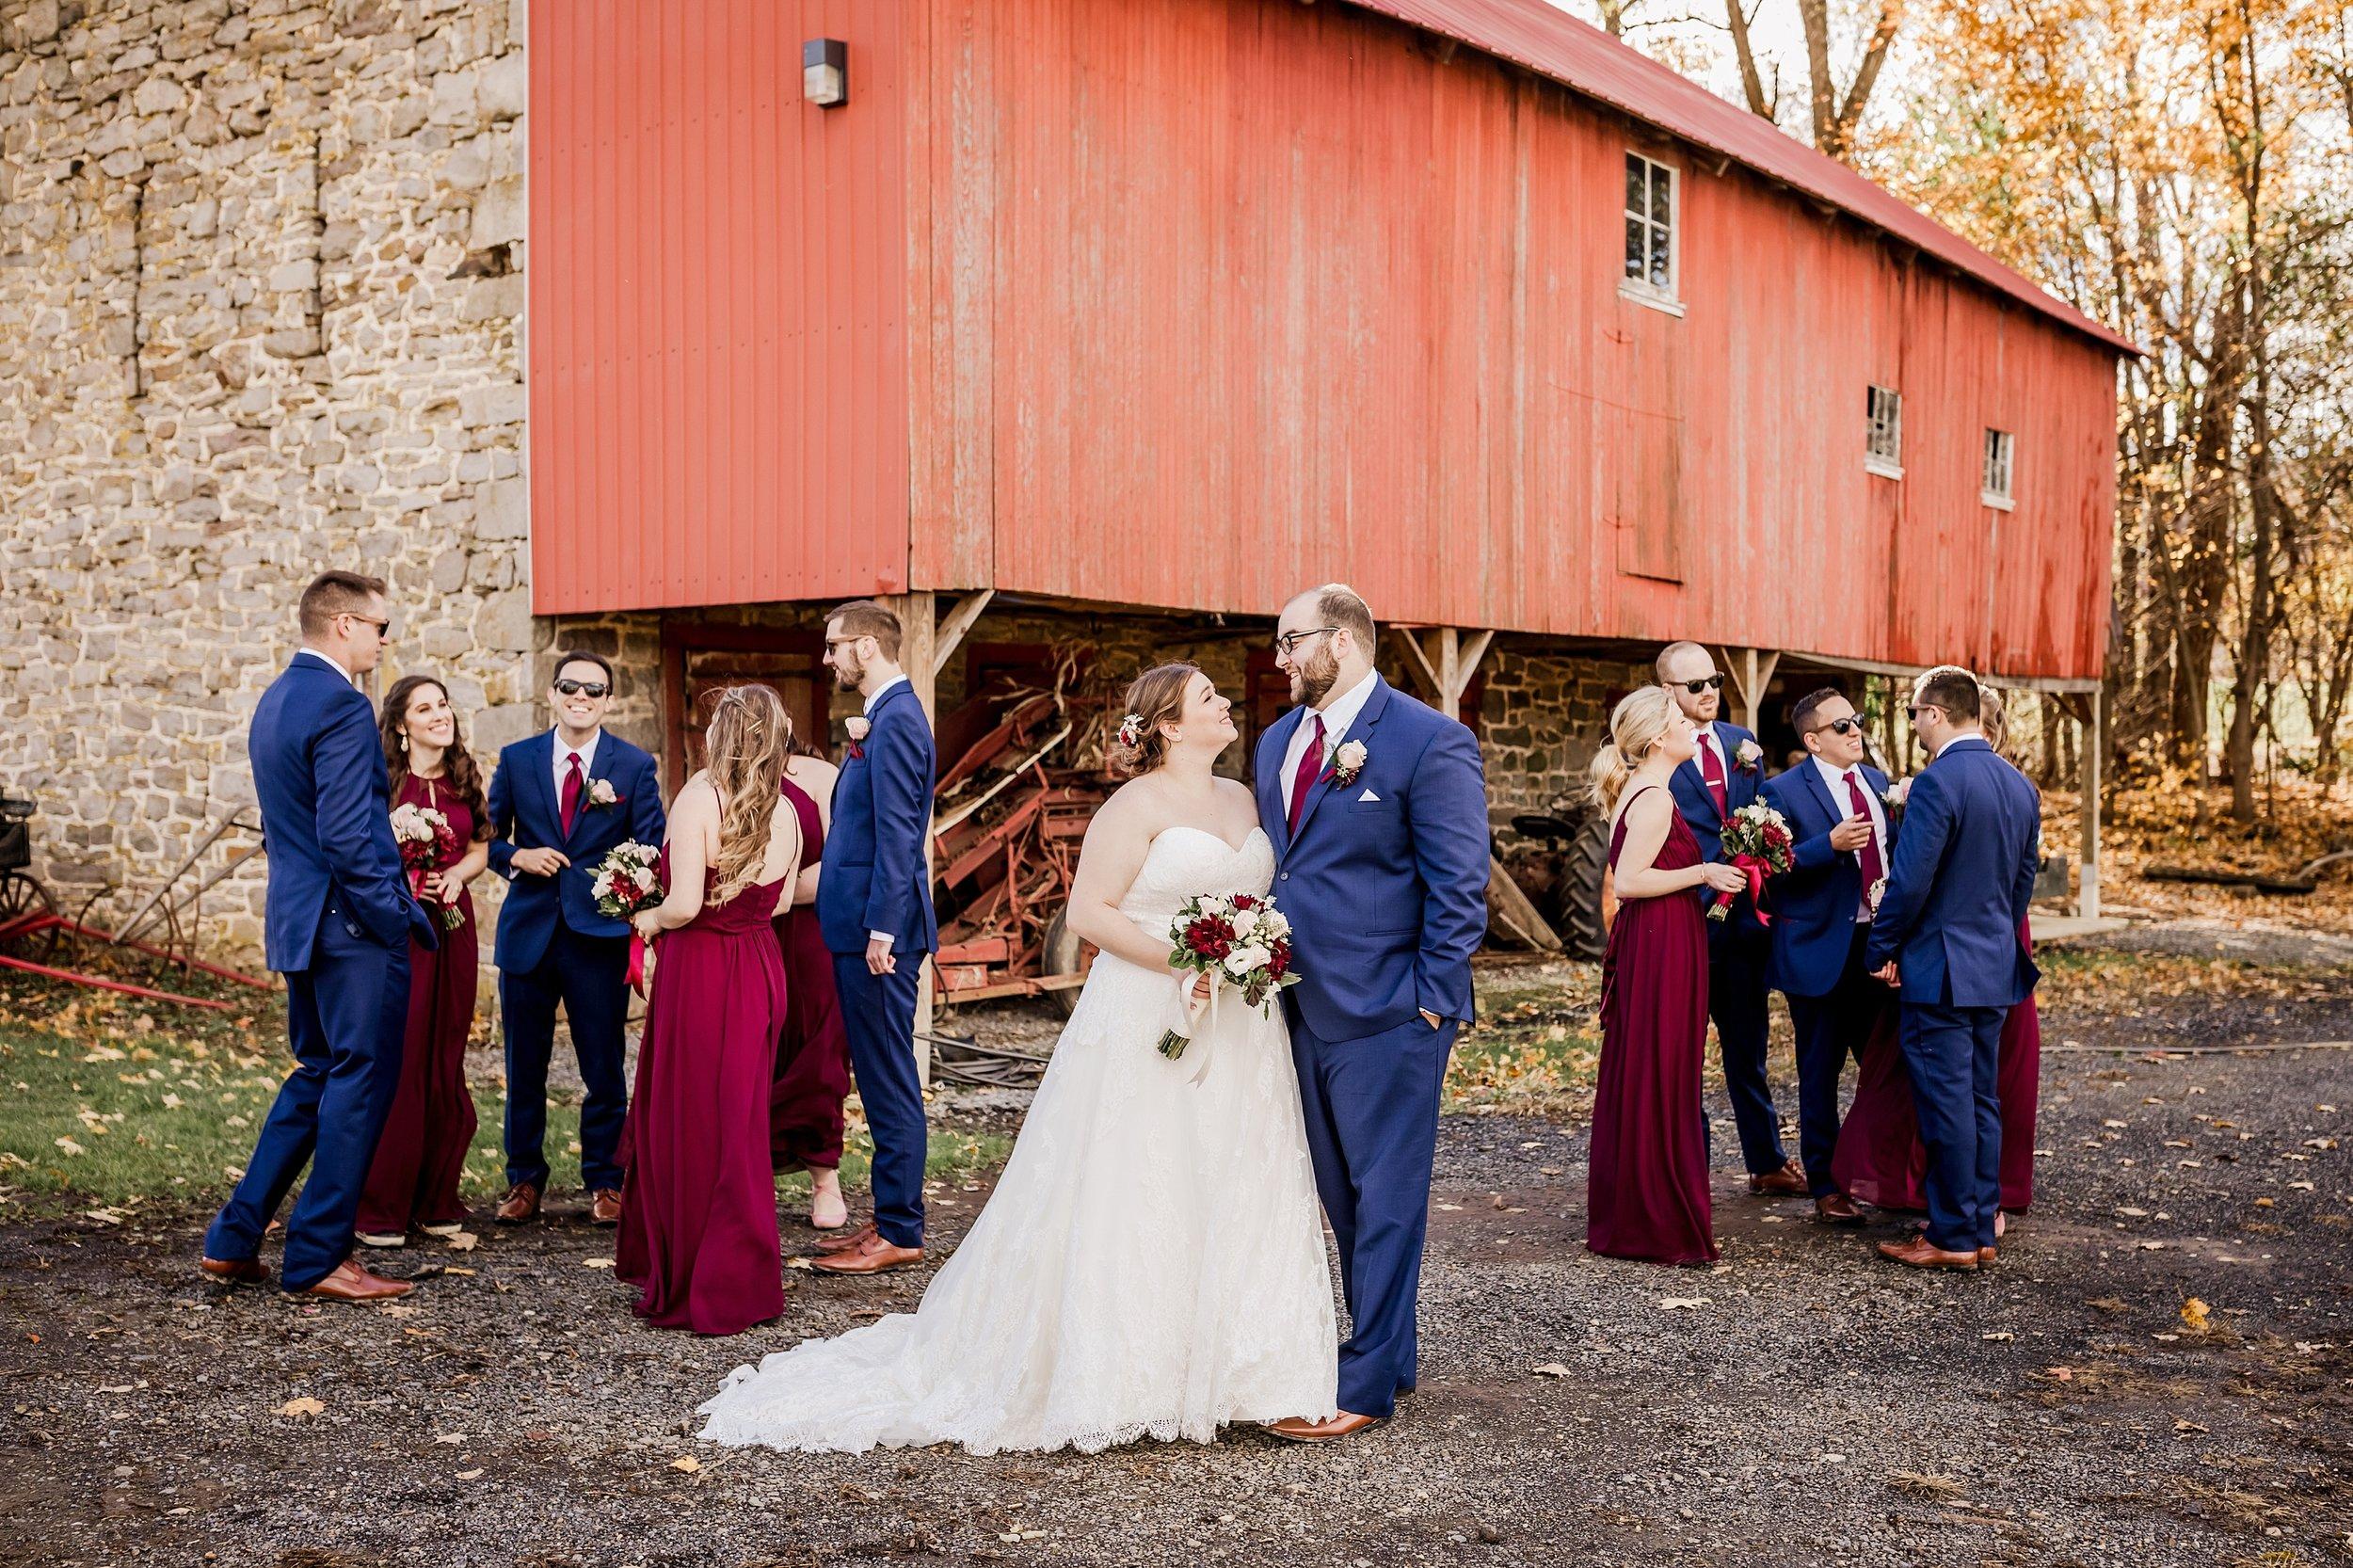 Savidge-Farms-Wedding-Photographer_0046.jpg